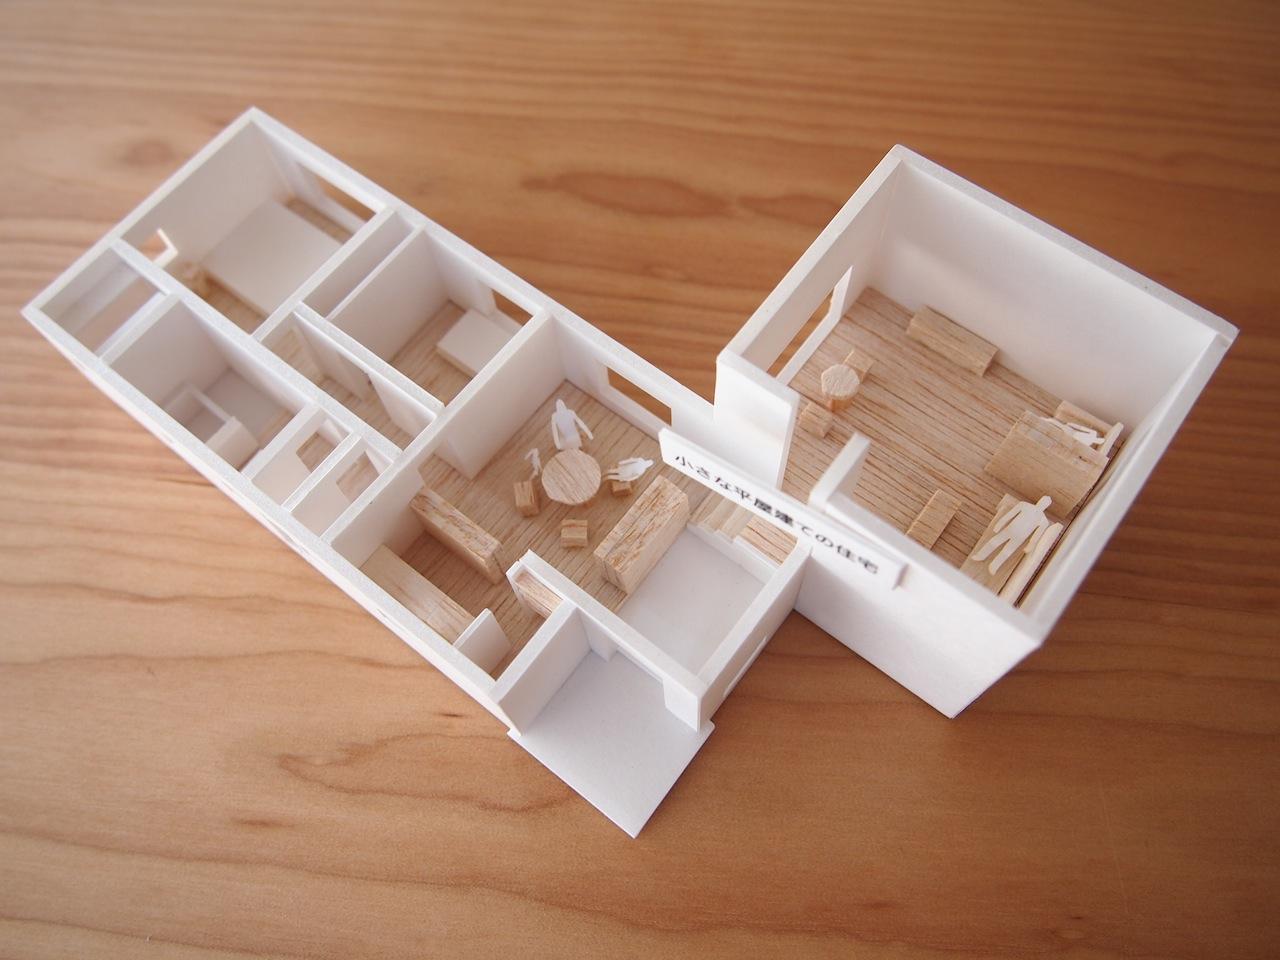 小さな平屋建ての住宅01